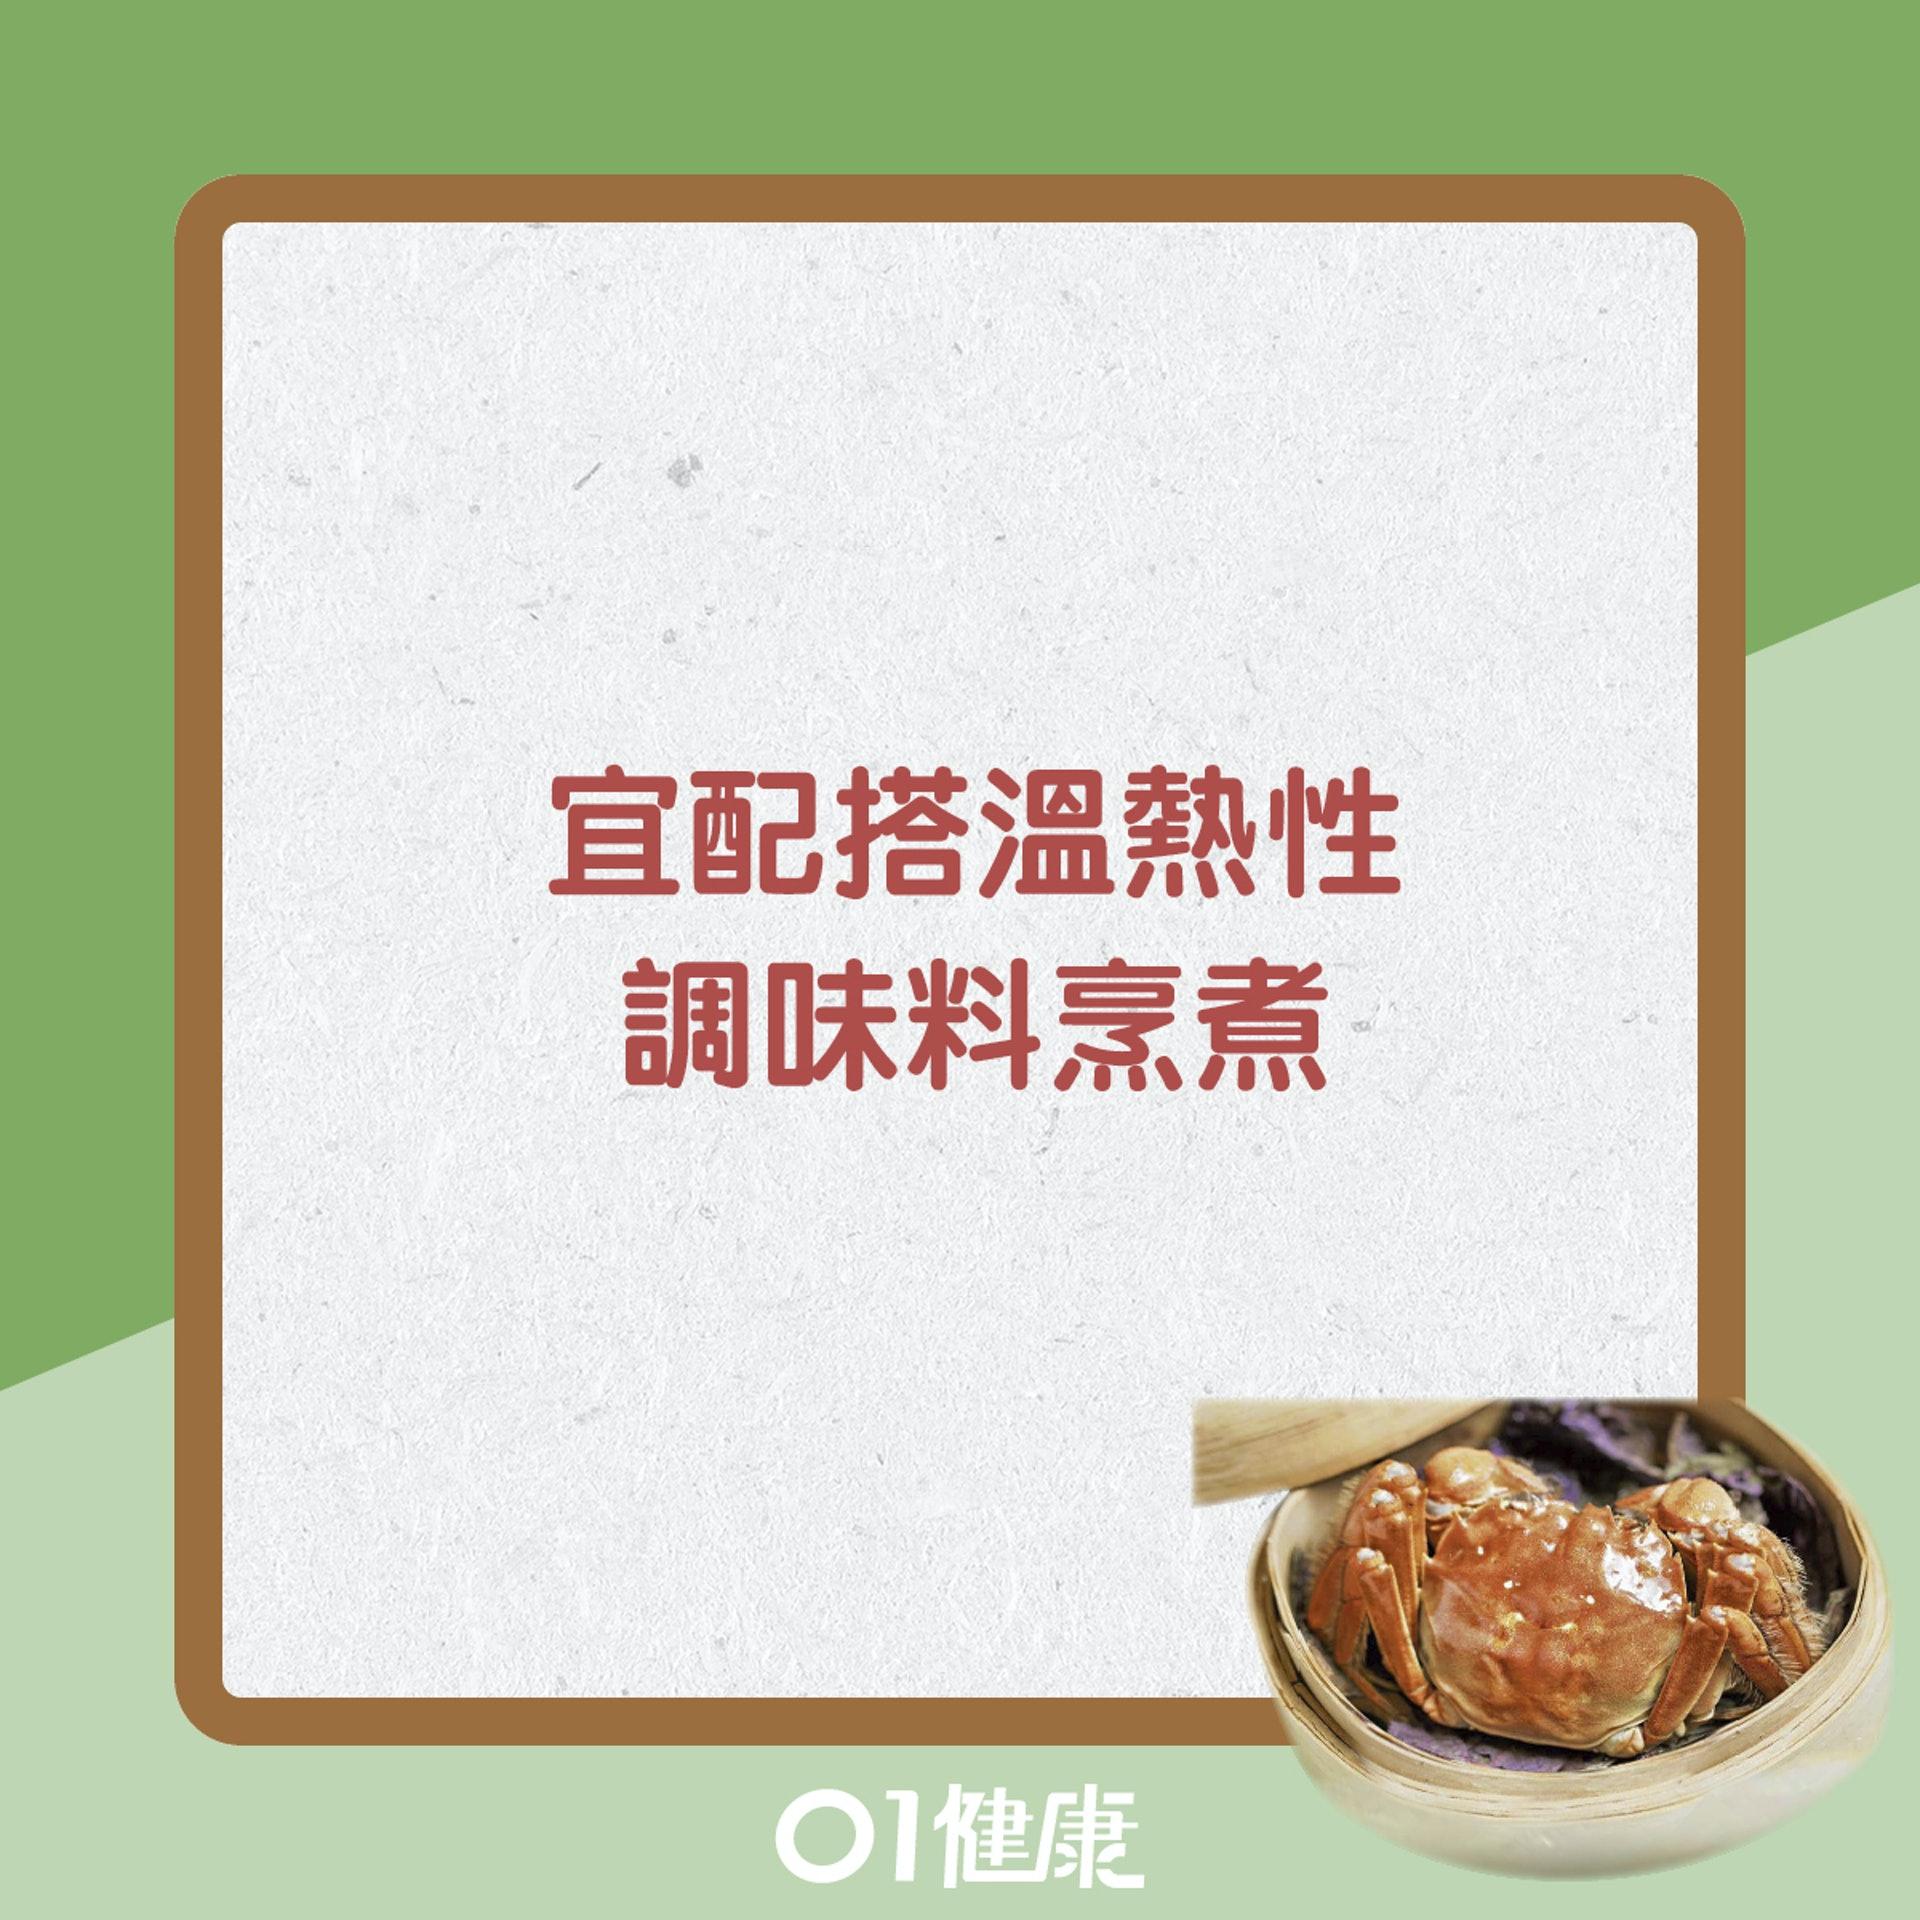 吃大閘蟹注意事項(01製圖)